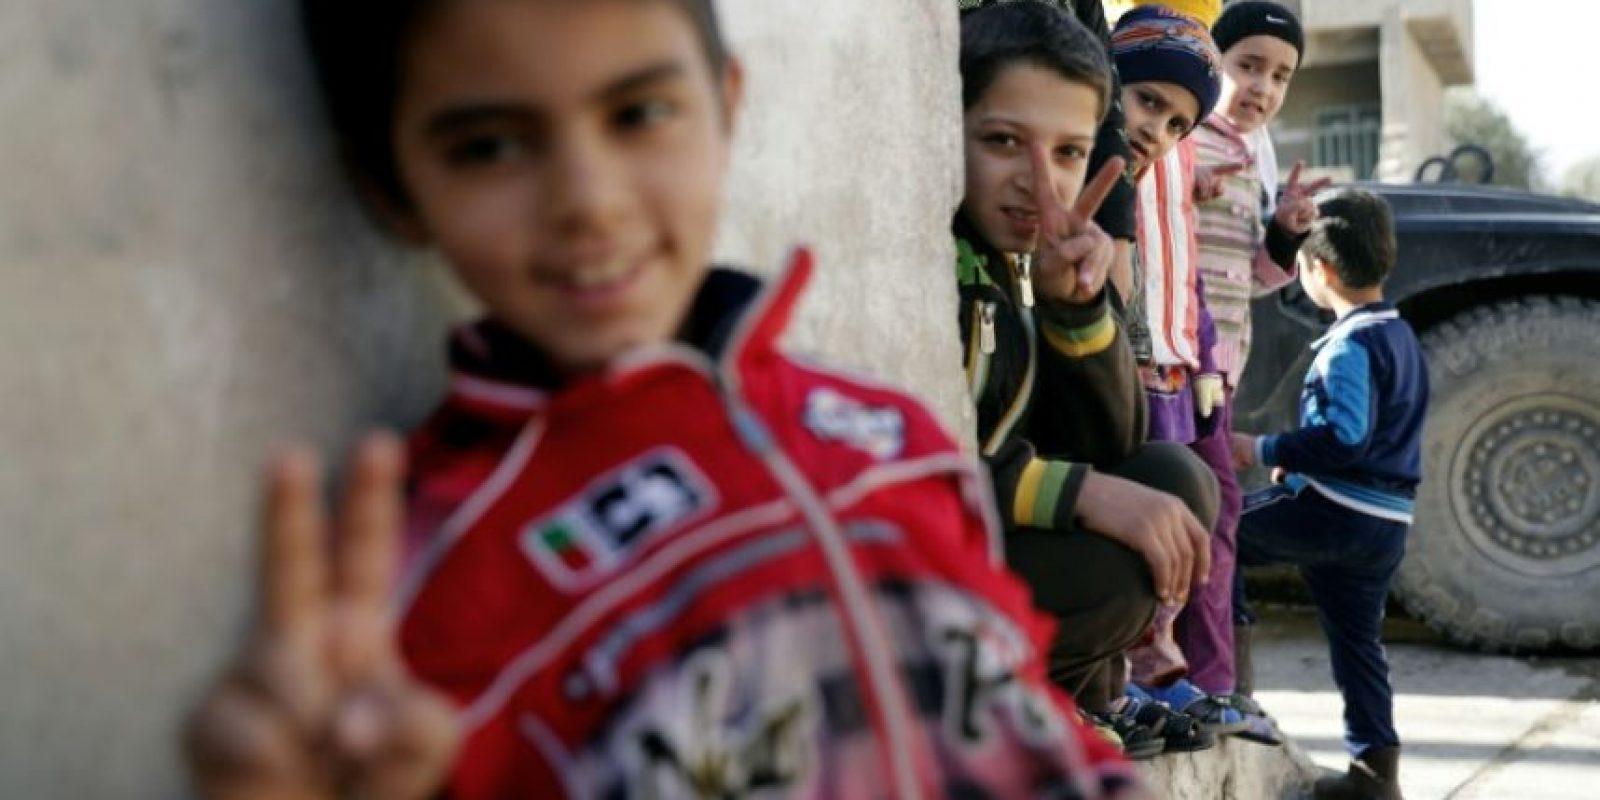 Unos niños iraquíes hacen el signo de la victoria en un barrio del noreste de Mosul Foto:Thomas Coex/afp.com